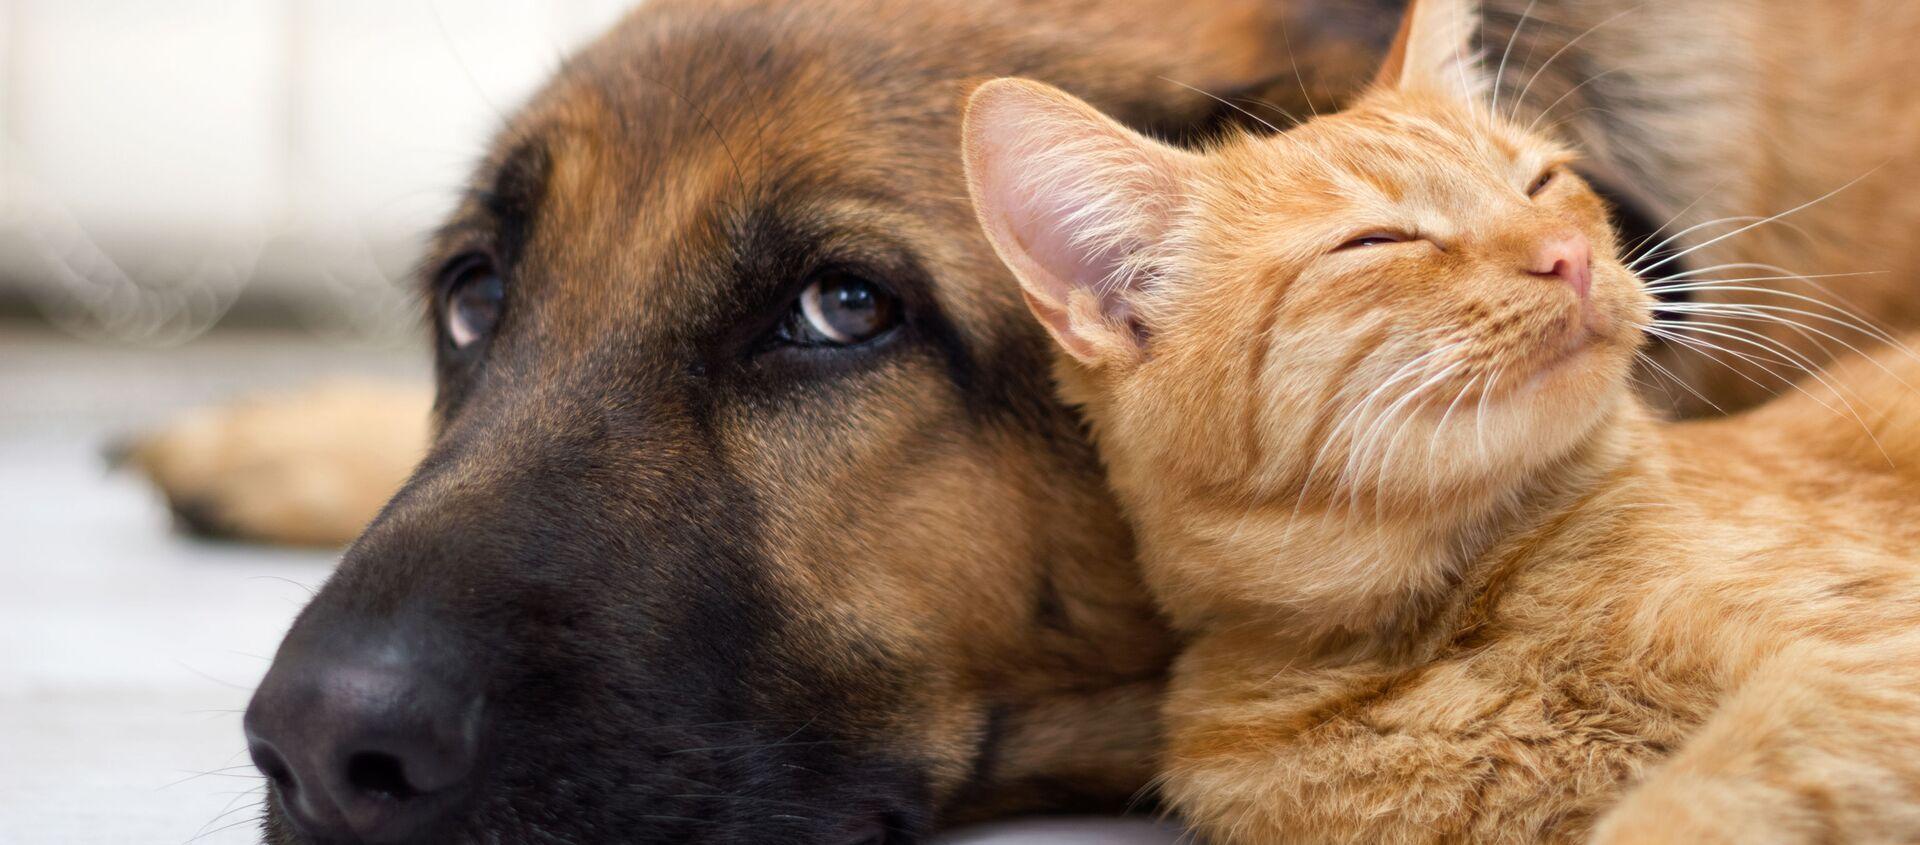 Chó và mèo - Sputnik Việt Nam, 1920, 22.07.2021